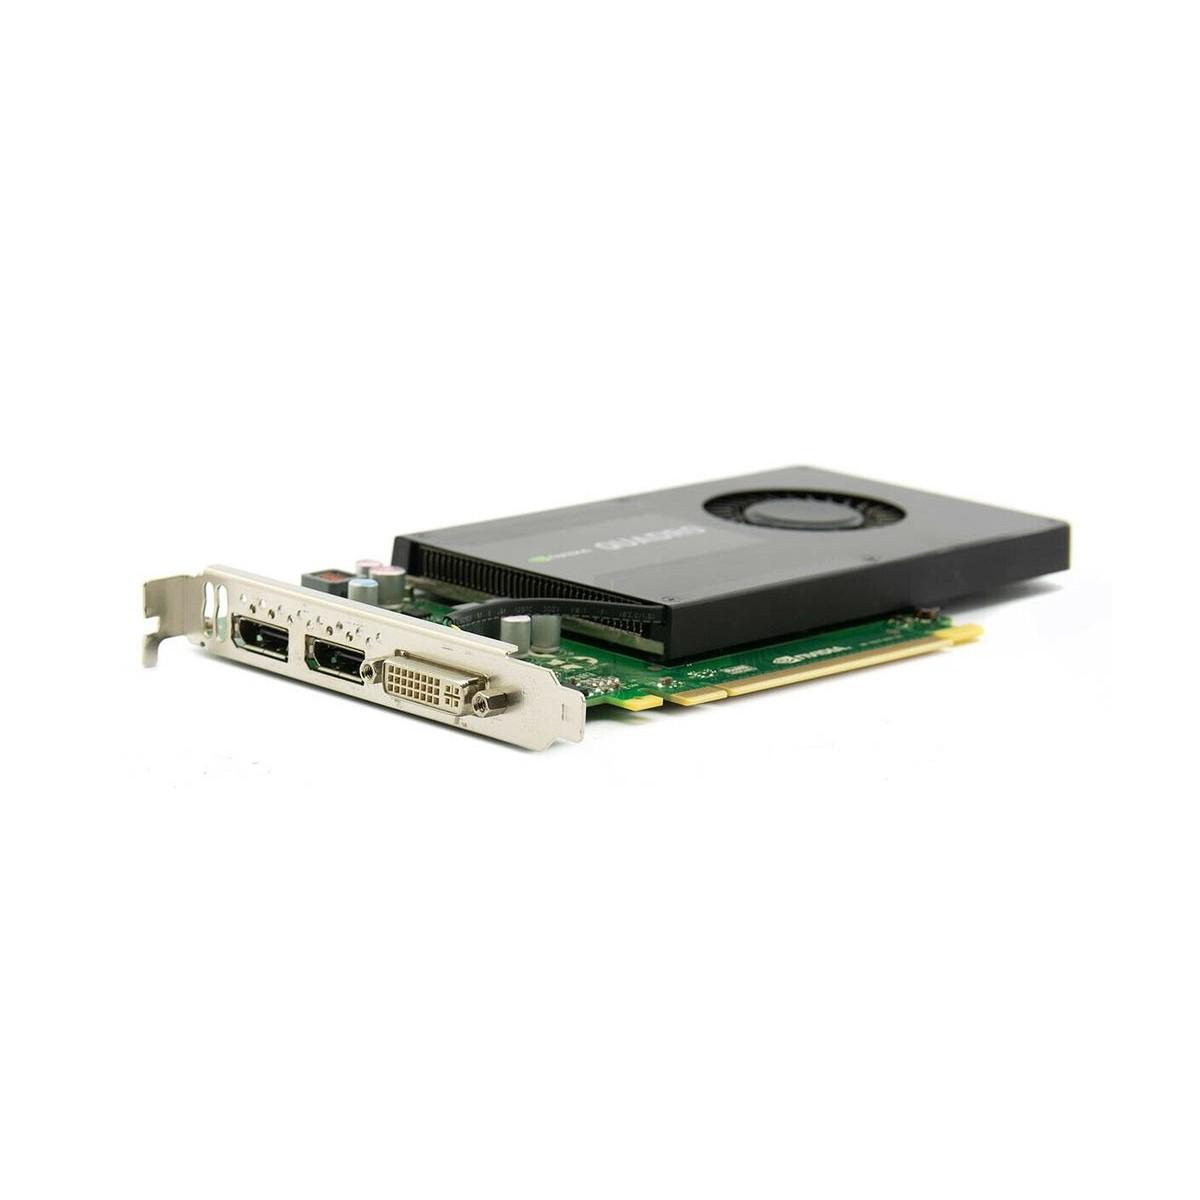 GRAFIKA HP QUADRO K2200 4GB DDR5 2xDP 1xDVI